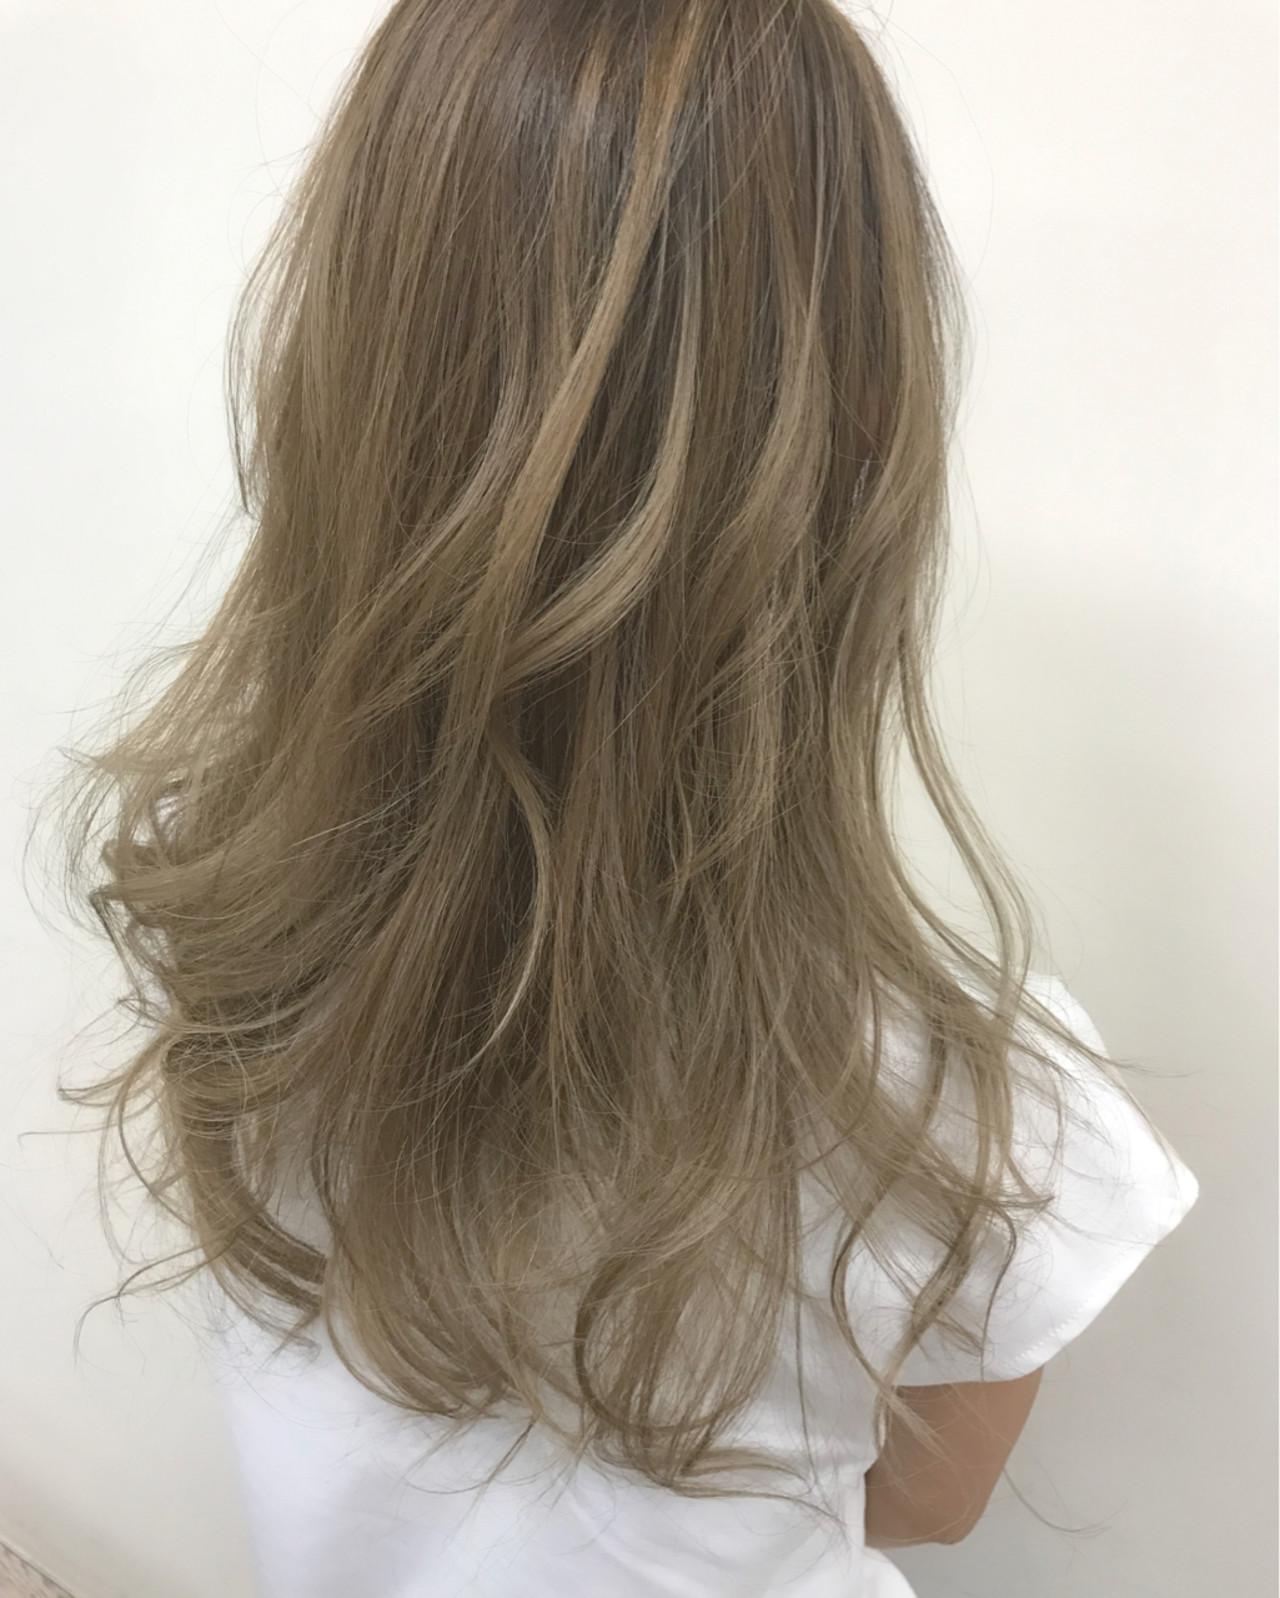 アッシュ セミロング 外国人風 ハイライト ヘアスタイルや髪型の写真・画像 | 天野 恭江 / ルプラボウ trico店